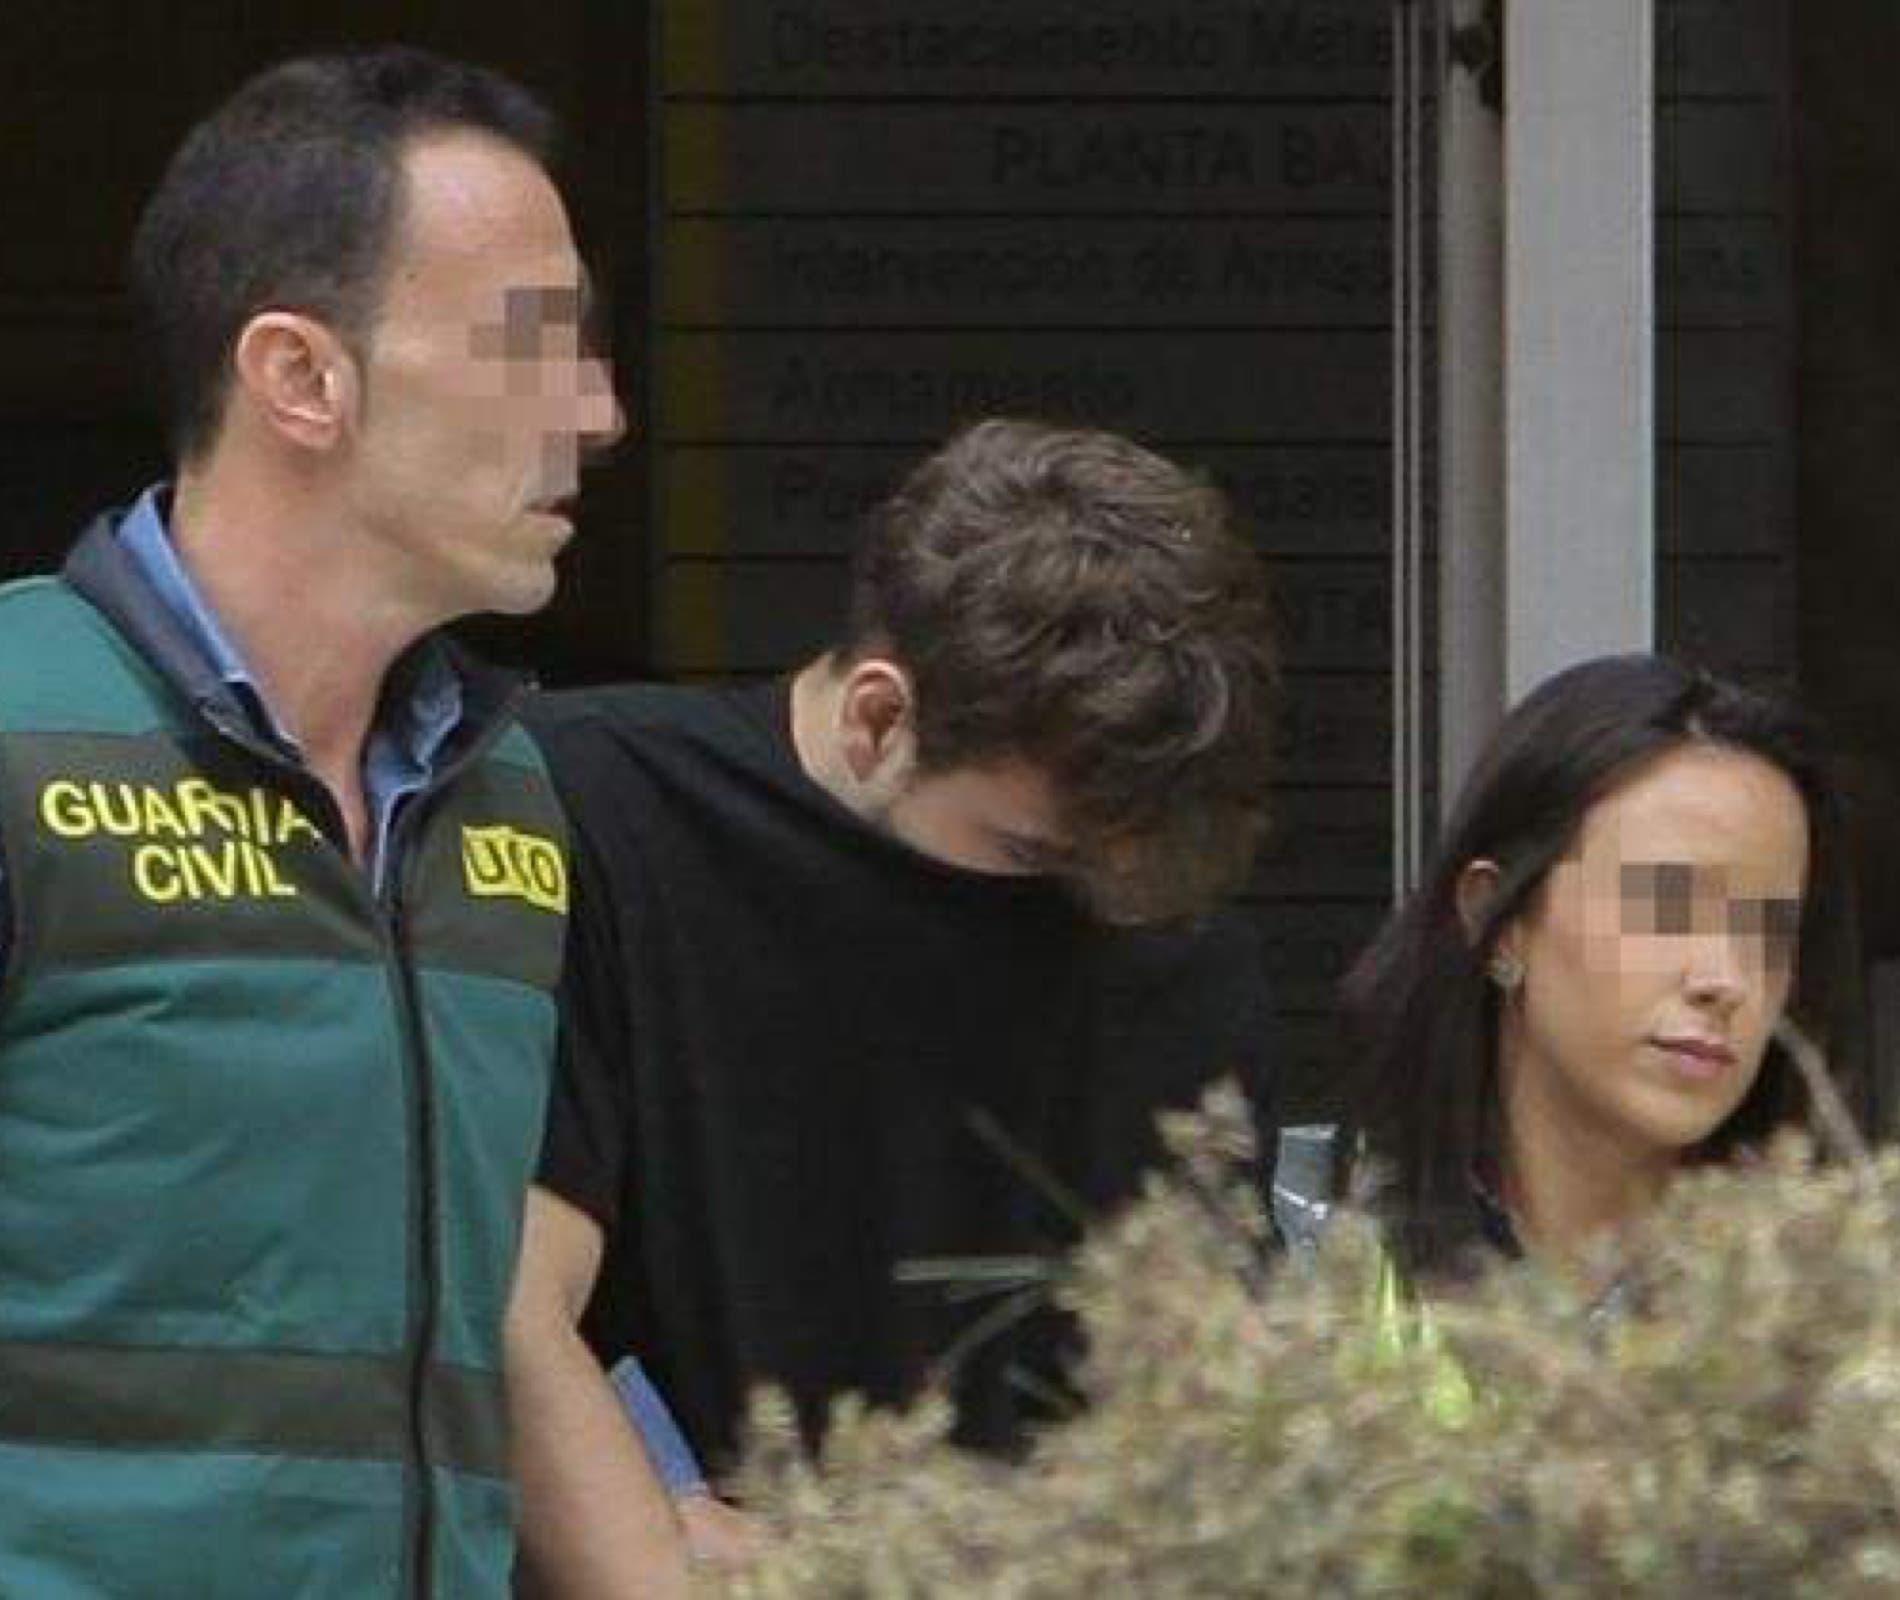 El asesino junto a sus dos víctimas, los padres de los dos menores también asesinados.